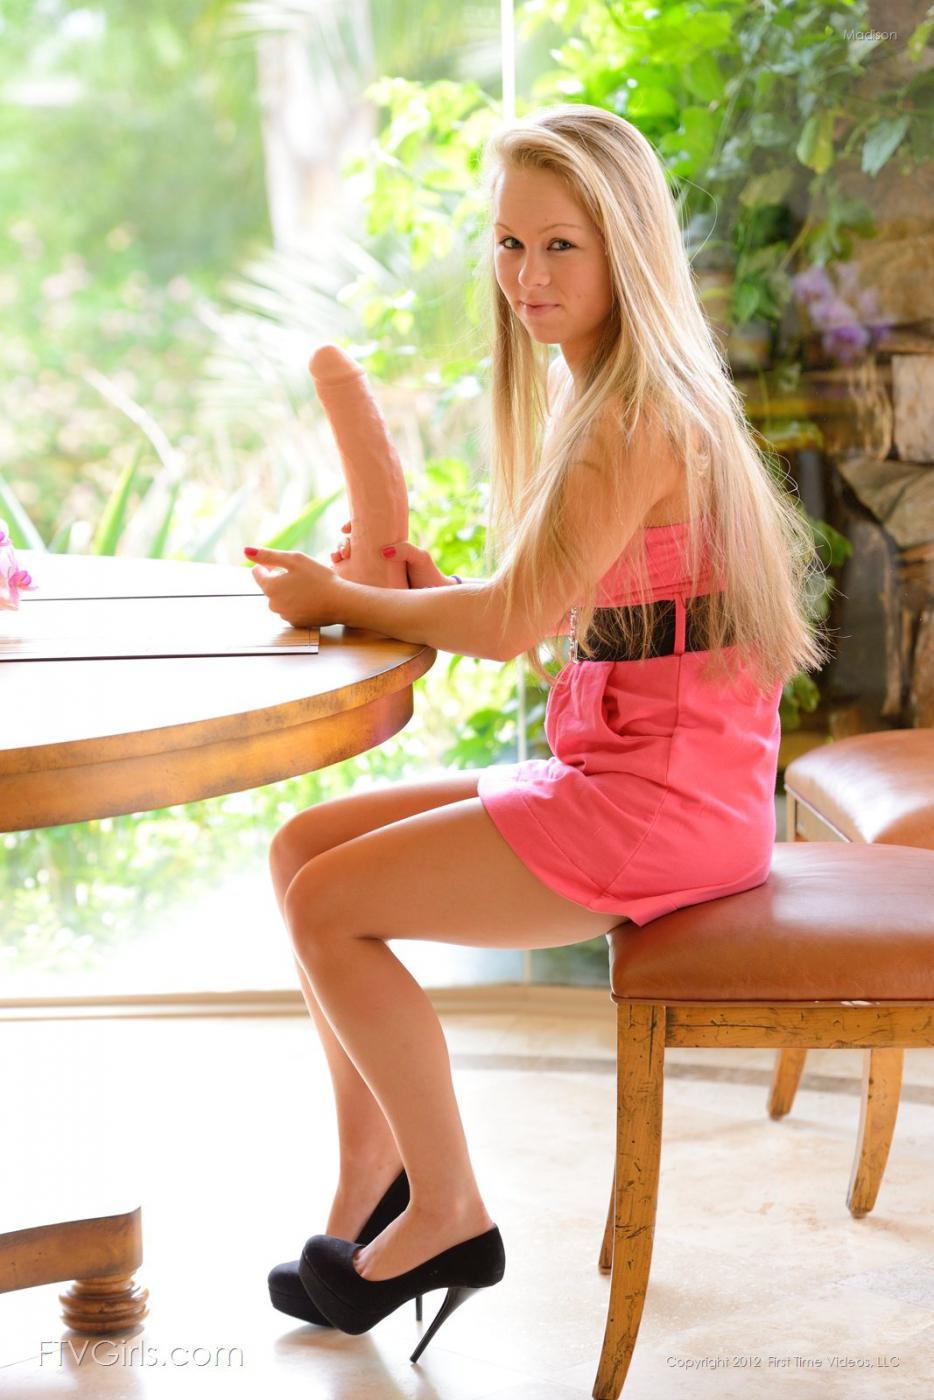 Блондинка Madison показывает крупным планом свою чистую киску и классные сосочки